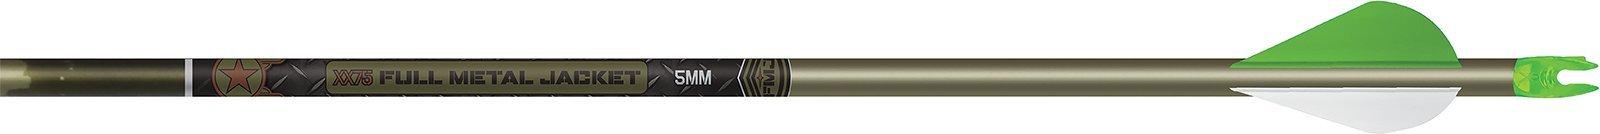 Easton FMJ Camo Hunter 300 Arrows w/ 2'' Blazer Vanes (6pk)